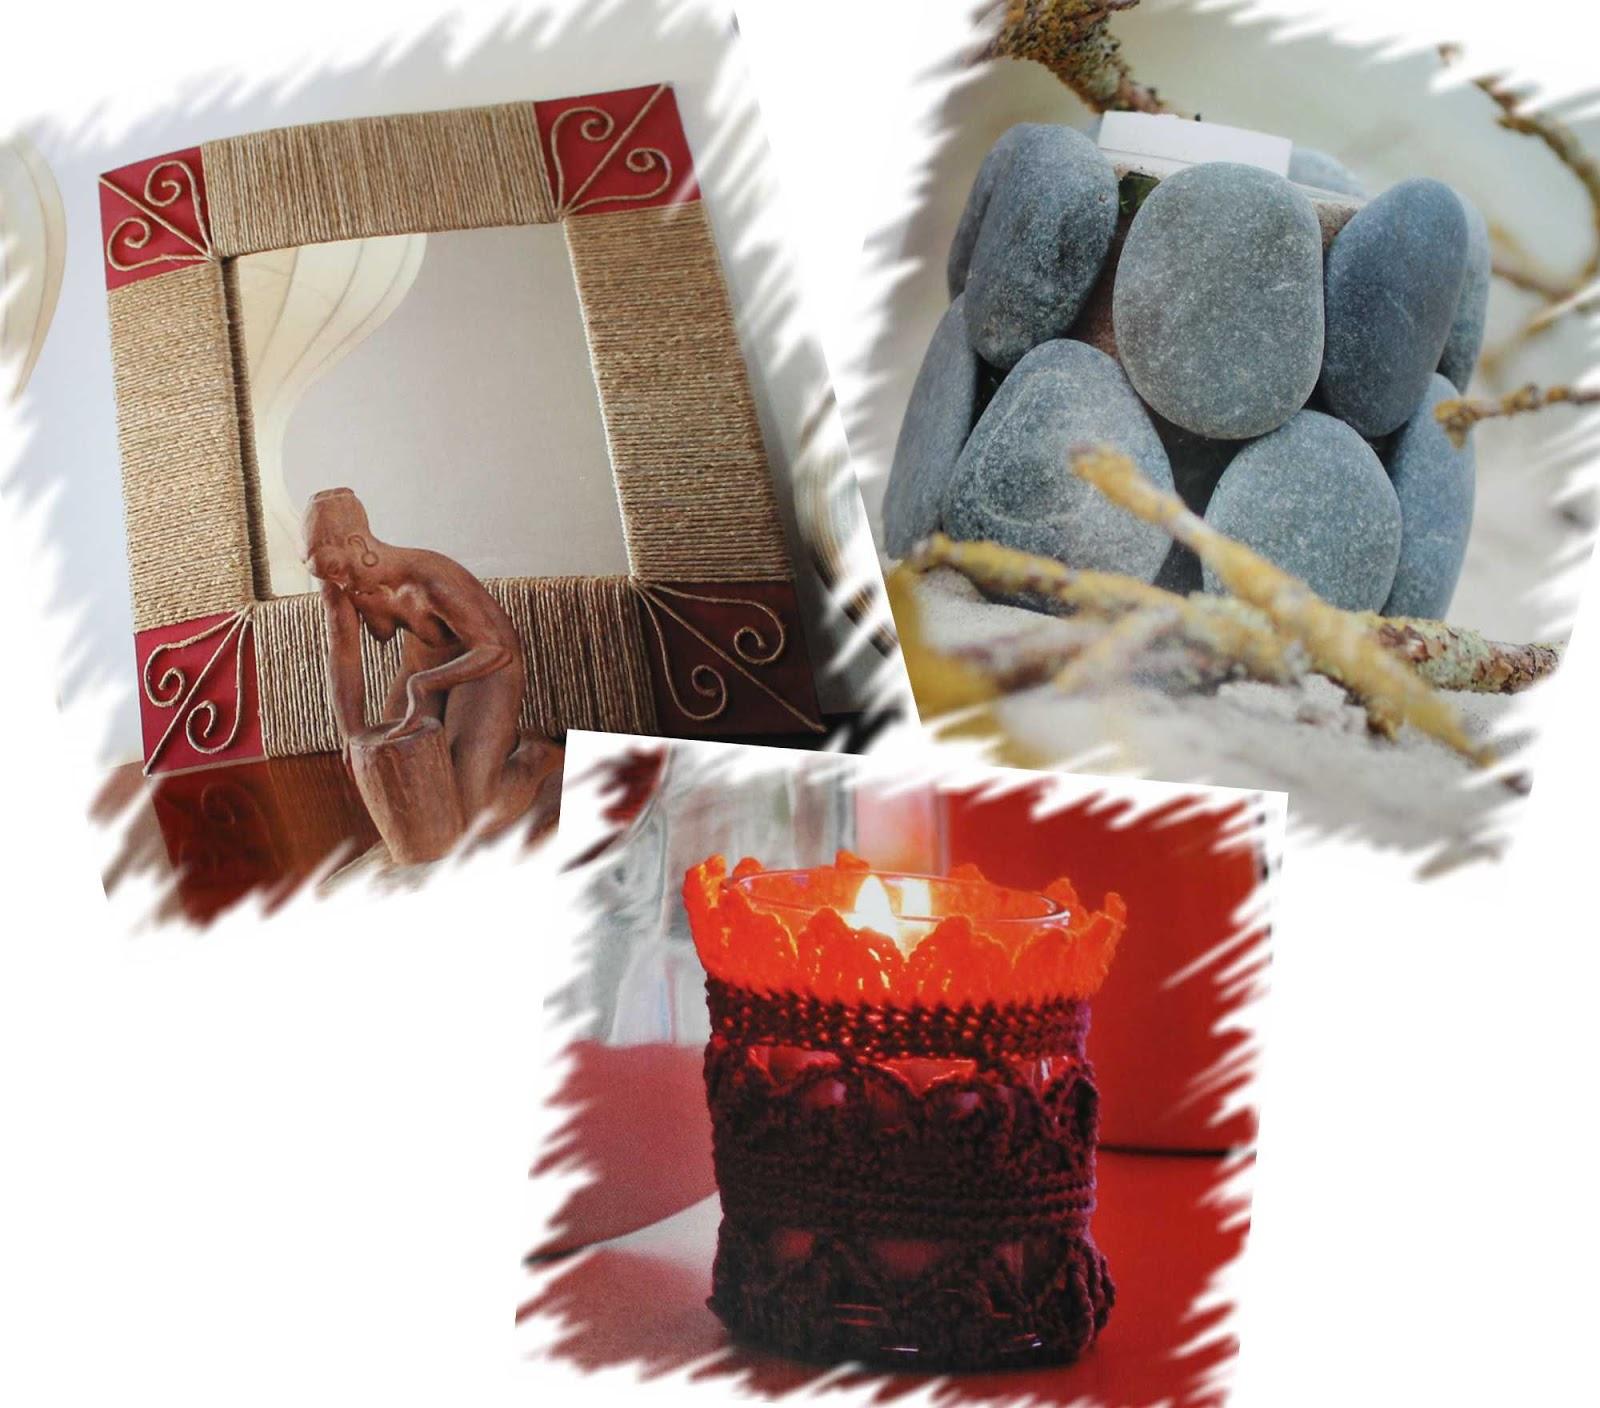 showroom by creative pink rezension sch ne dinge selbst. Black Bedroom Furniture Sets. Home Design Ideas